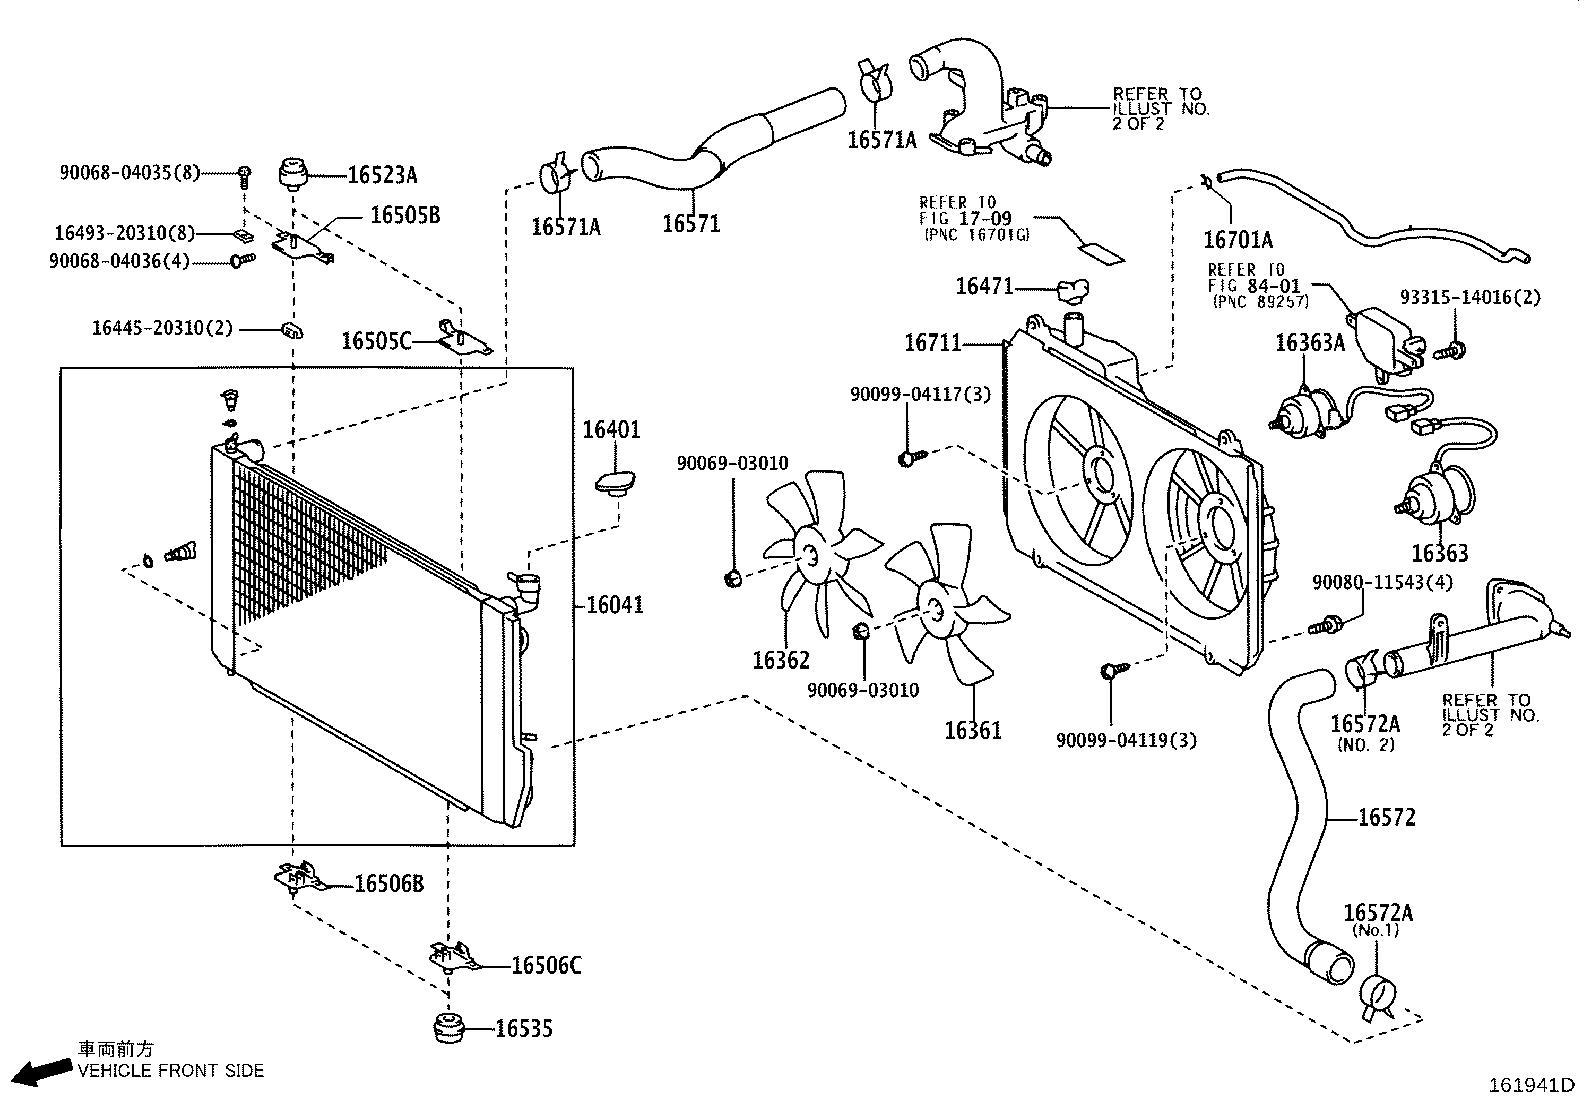 [DIAGRAM] Wiring Diagram For 2007 Lexus Rx350 FULL Version